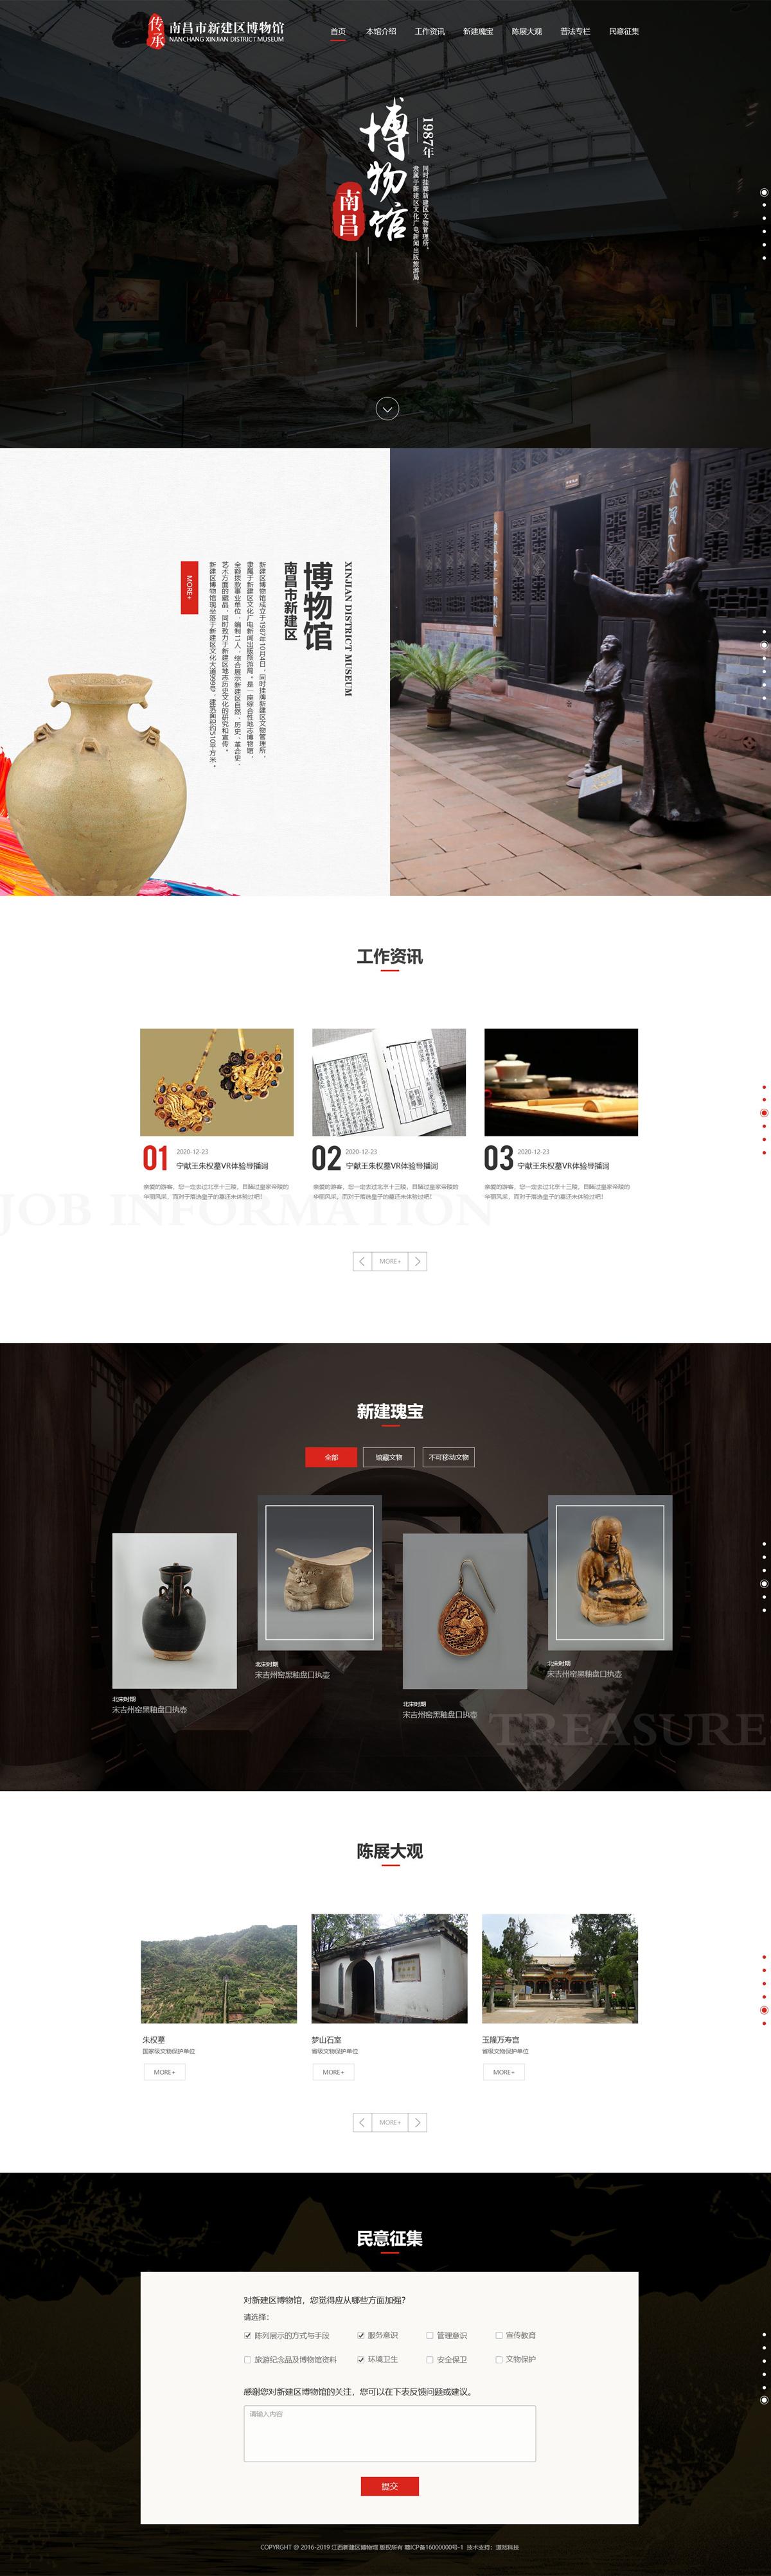 南昌博物馆文化类品牌网站建设.jpg